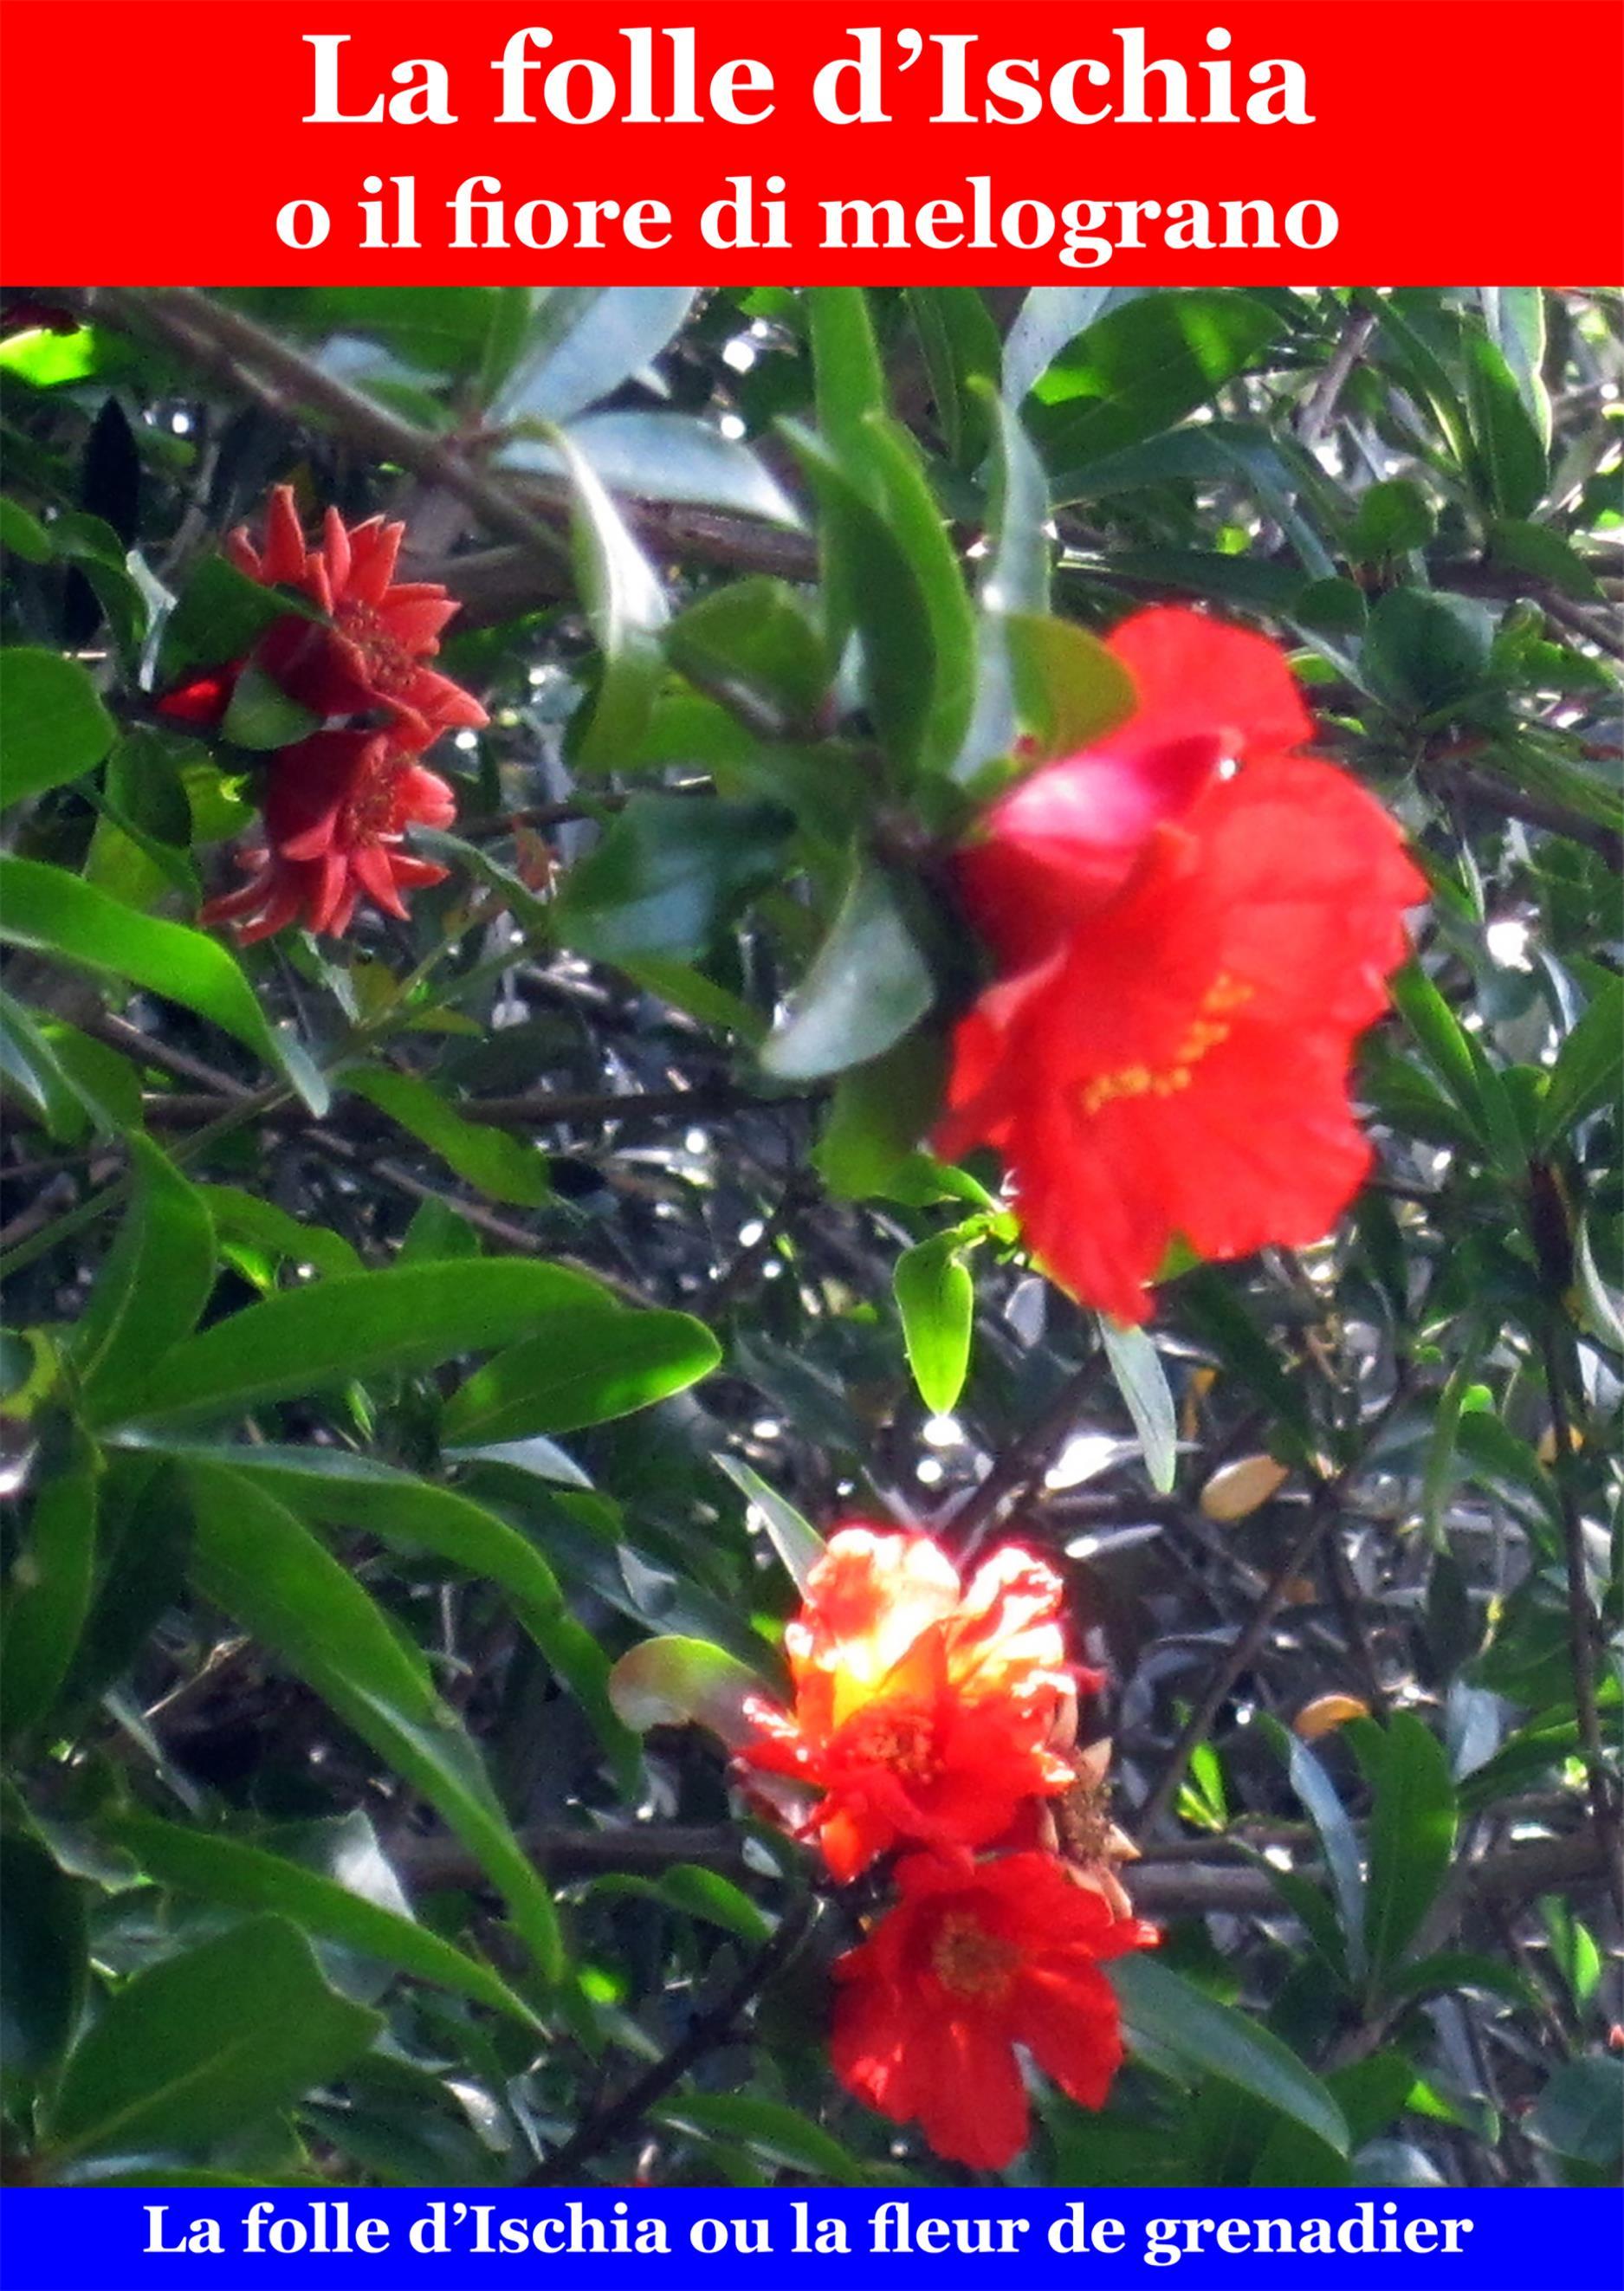 La folle d'Ischia o il fiore di melograno